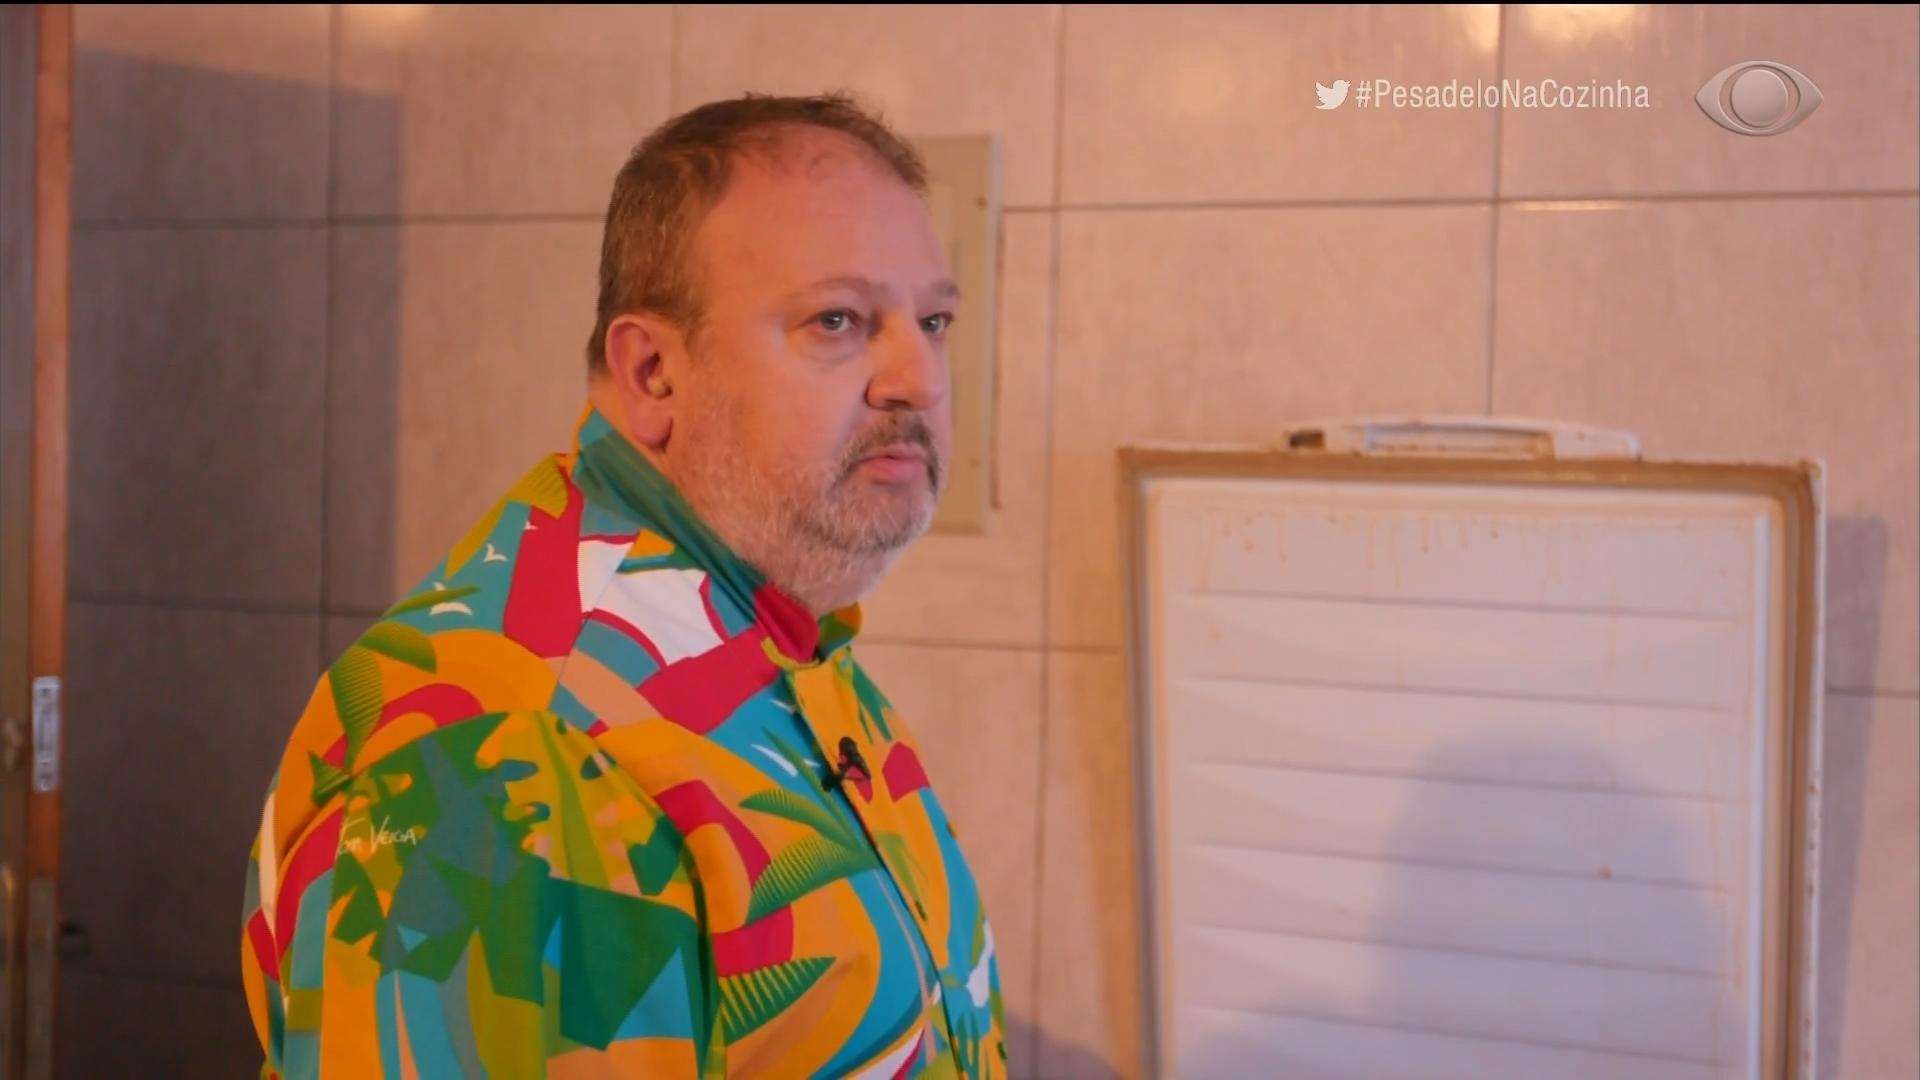 Erick Jacquin em episódio do Pesadelo na Cozinha (Foto: Reprodução)